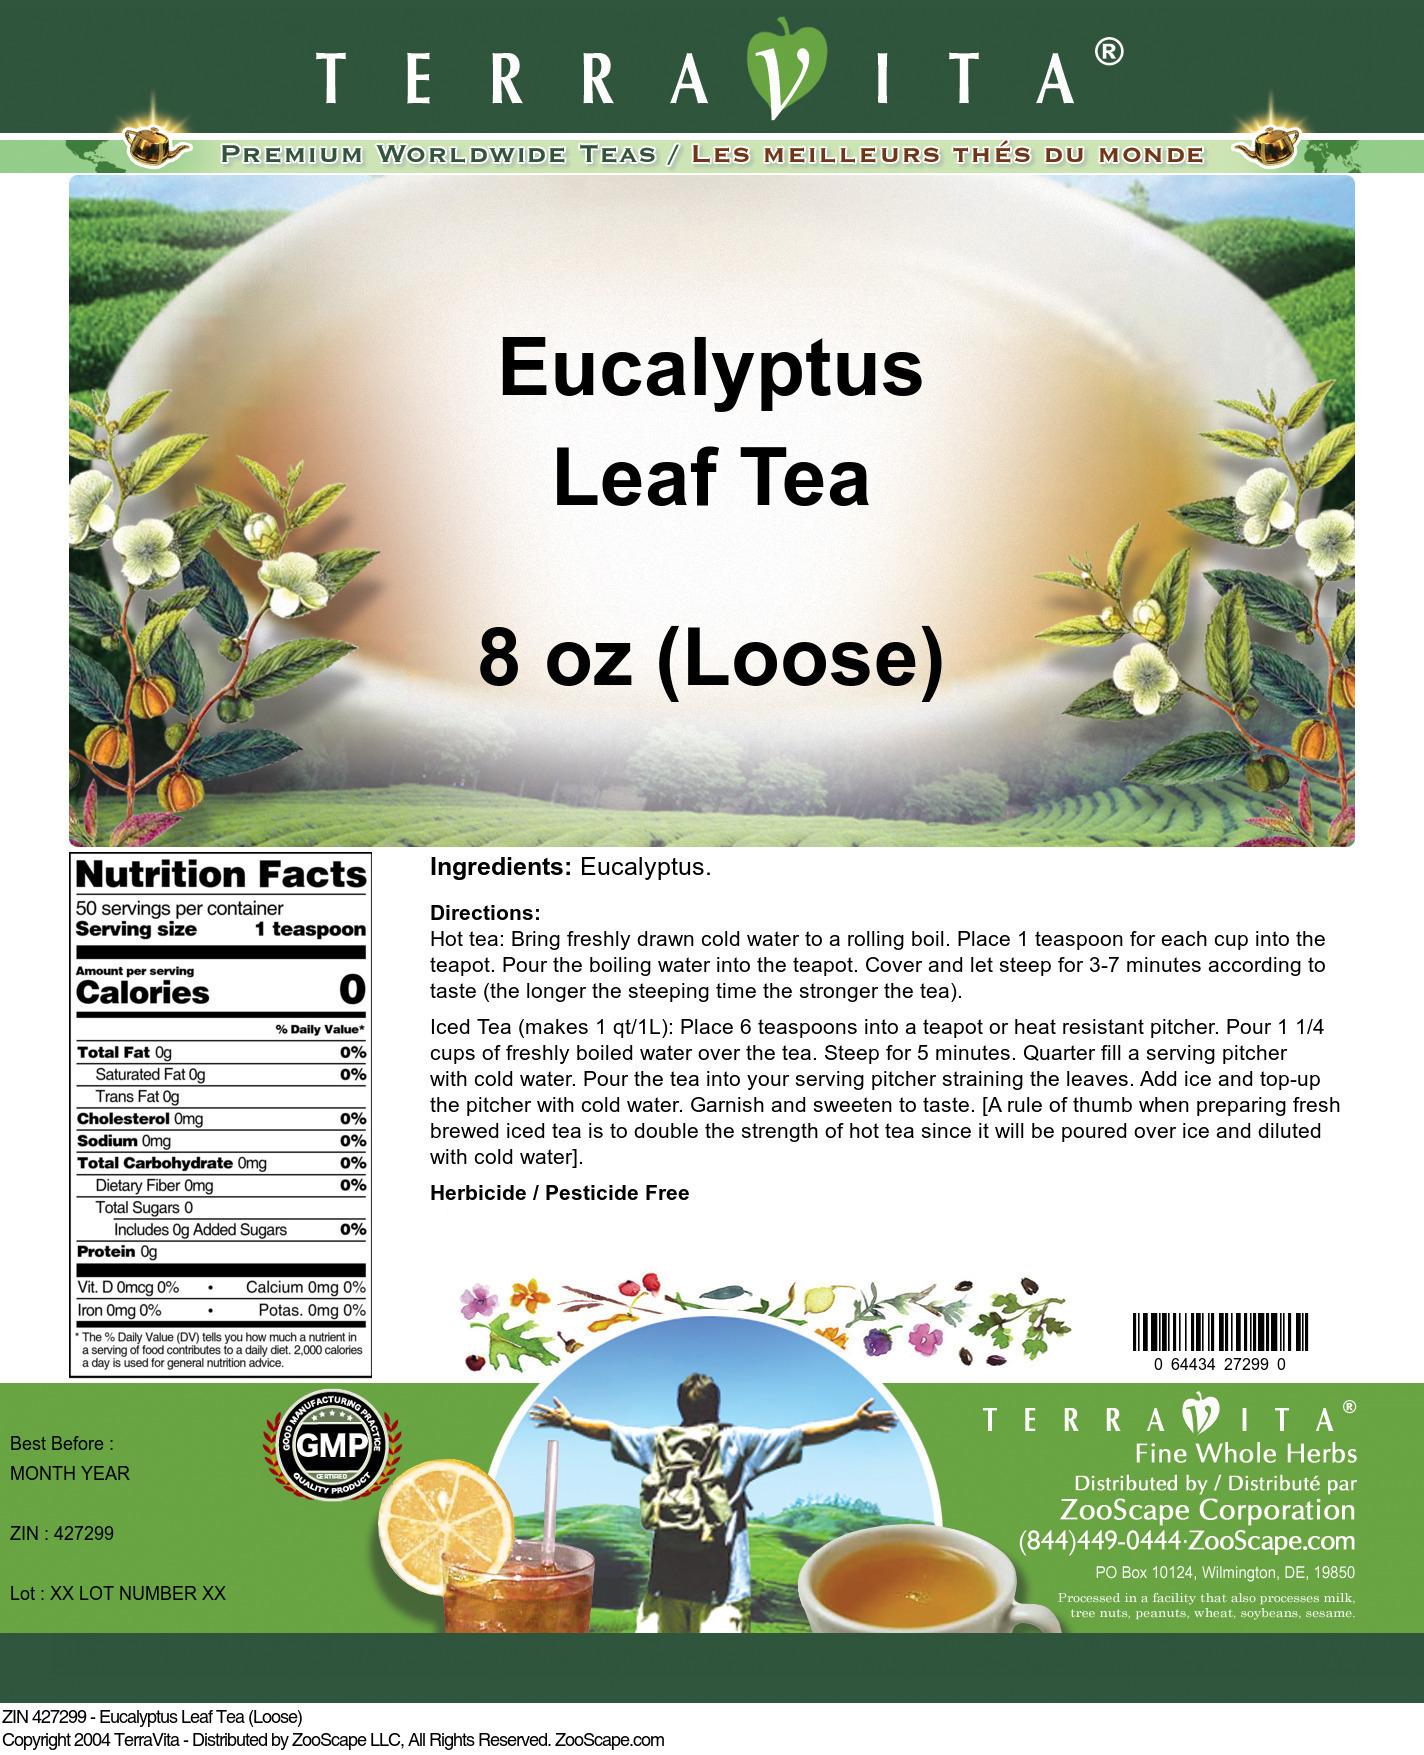 Eucalyptus Leaf Tea (Loose) - Label